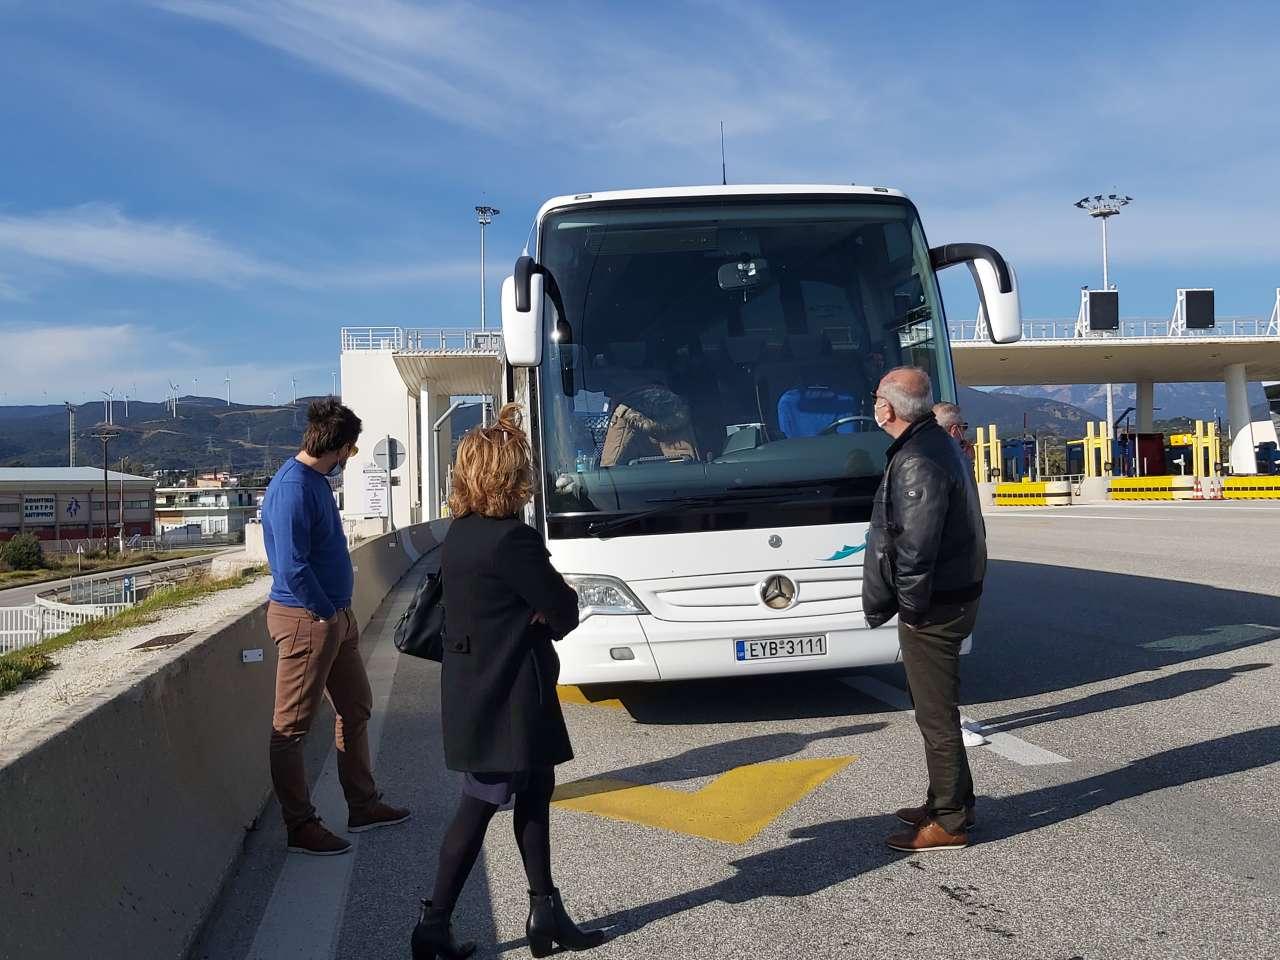 Έλεγχος και πρόστιμο σε επιβάτες του ΚΤΕΛ Λευκάδας σε δρομολόγιο για Αθήνα